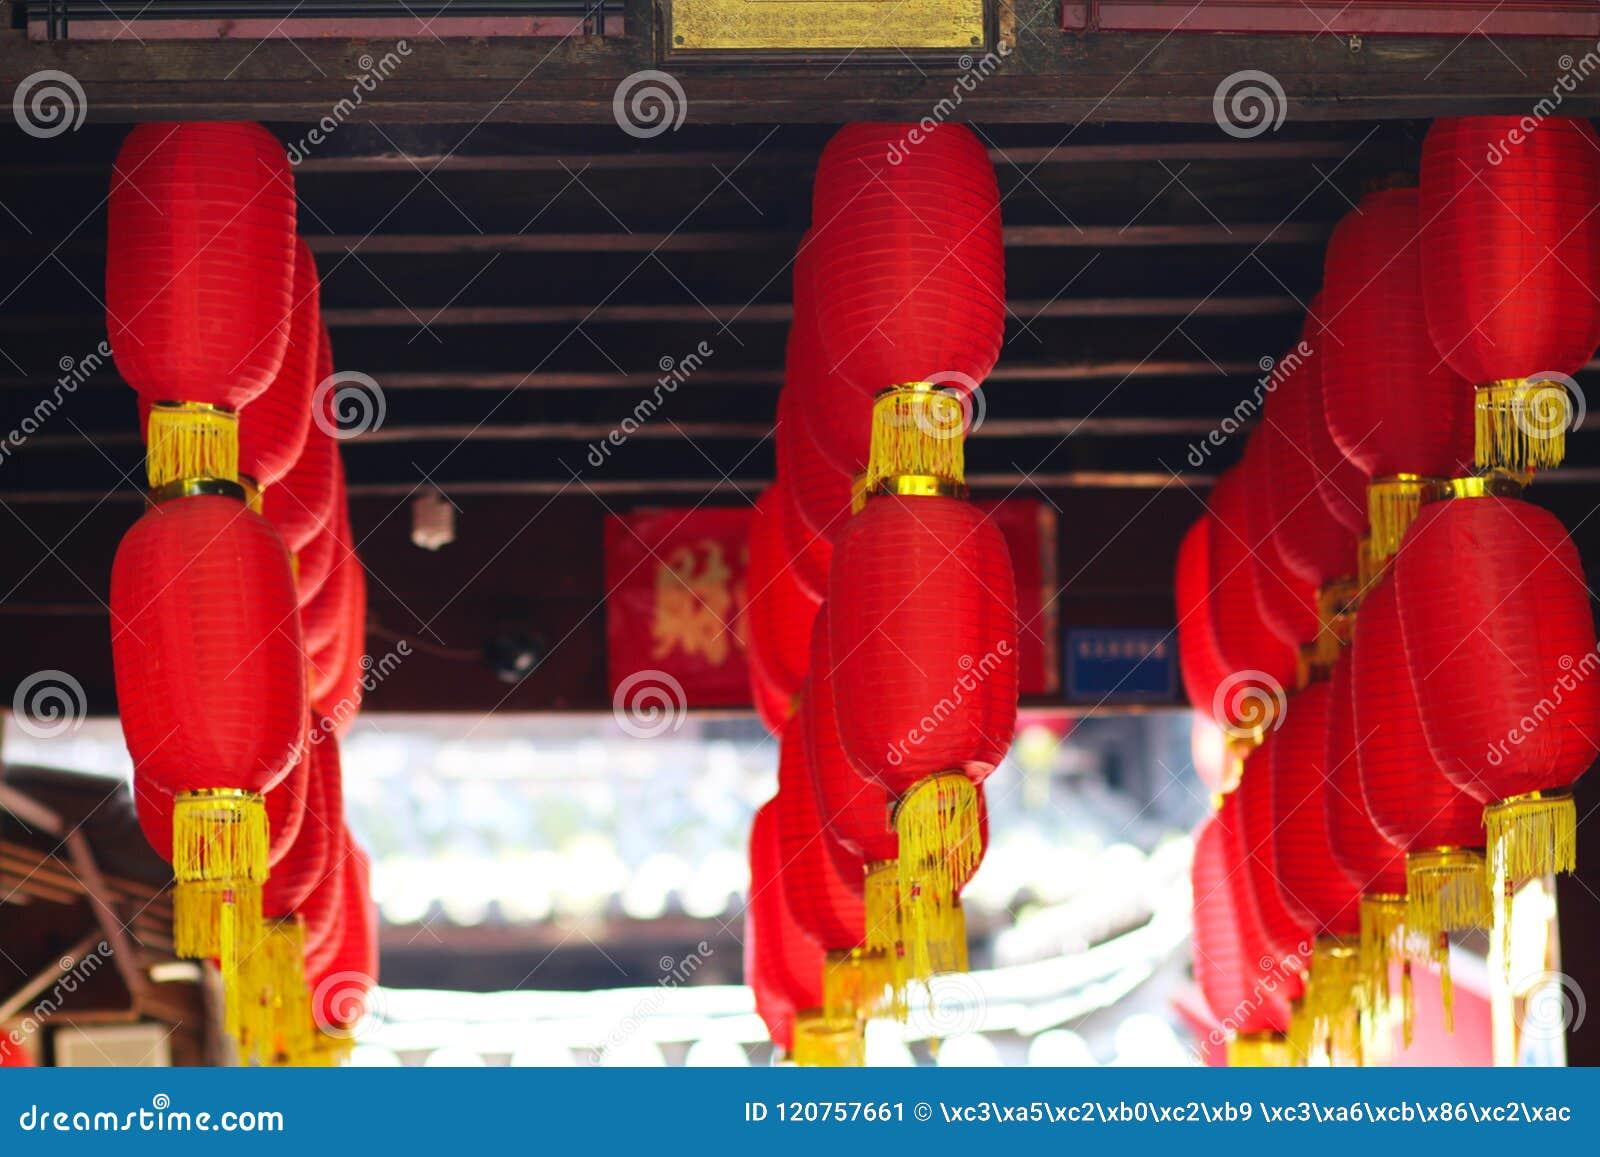 Большие красные фонарики висят высоко